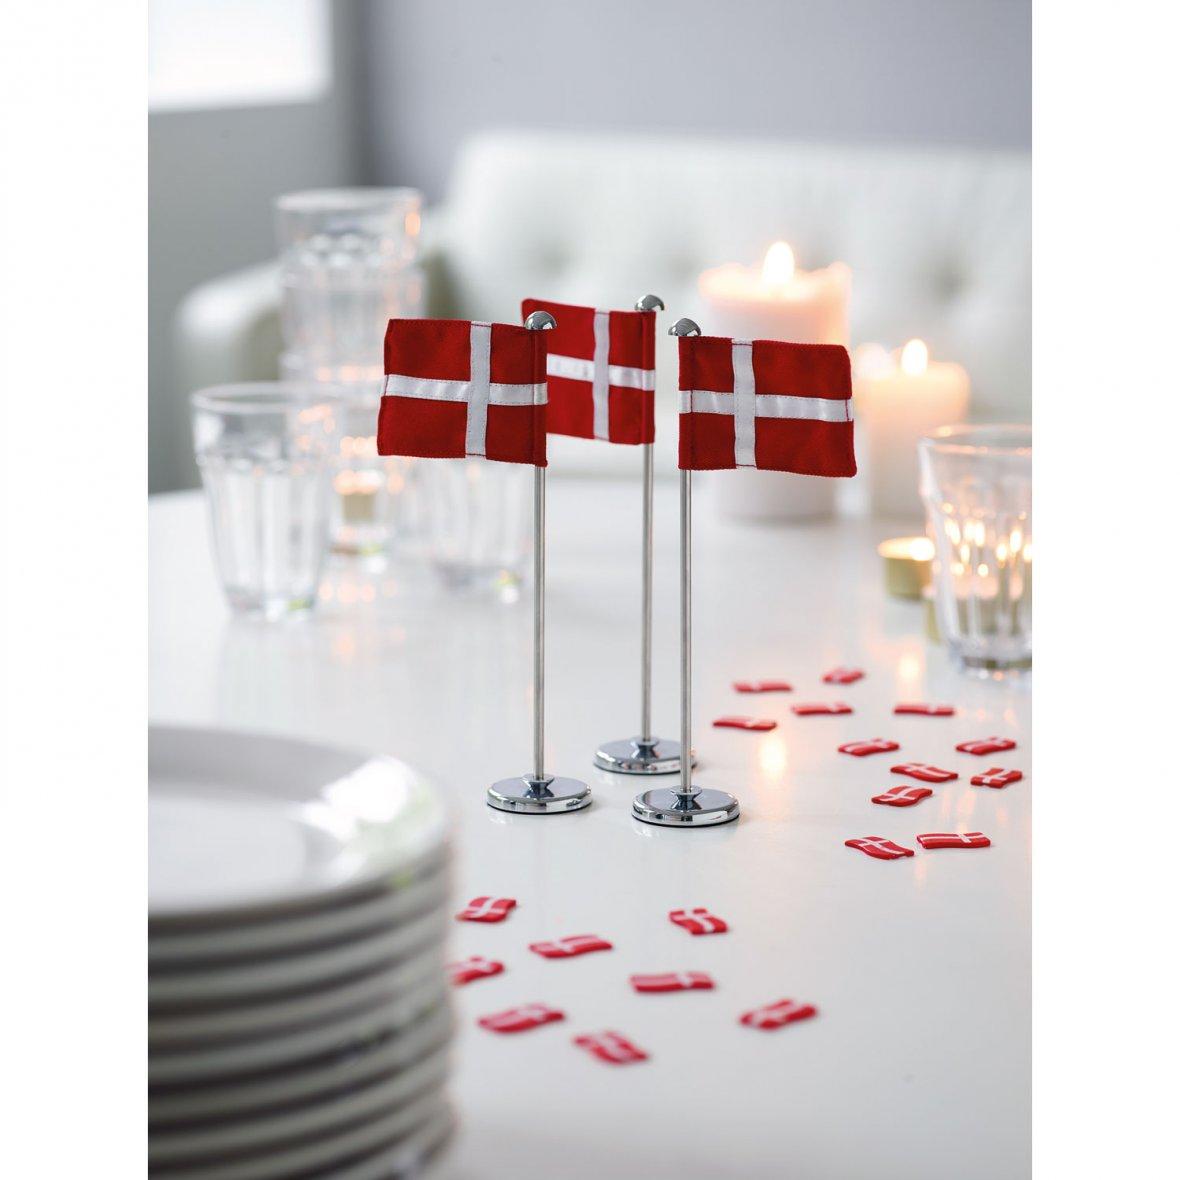 Populære Køb dine dannebrogs flag online - Fine bord flag kan købes her QW-48